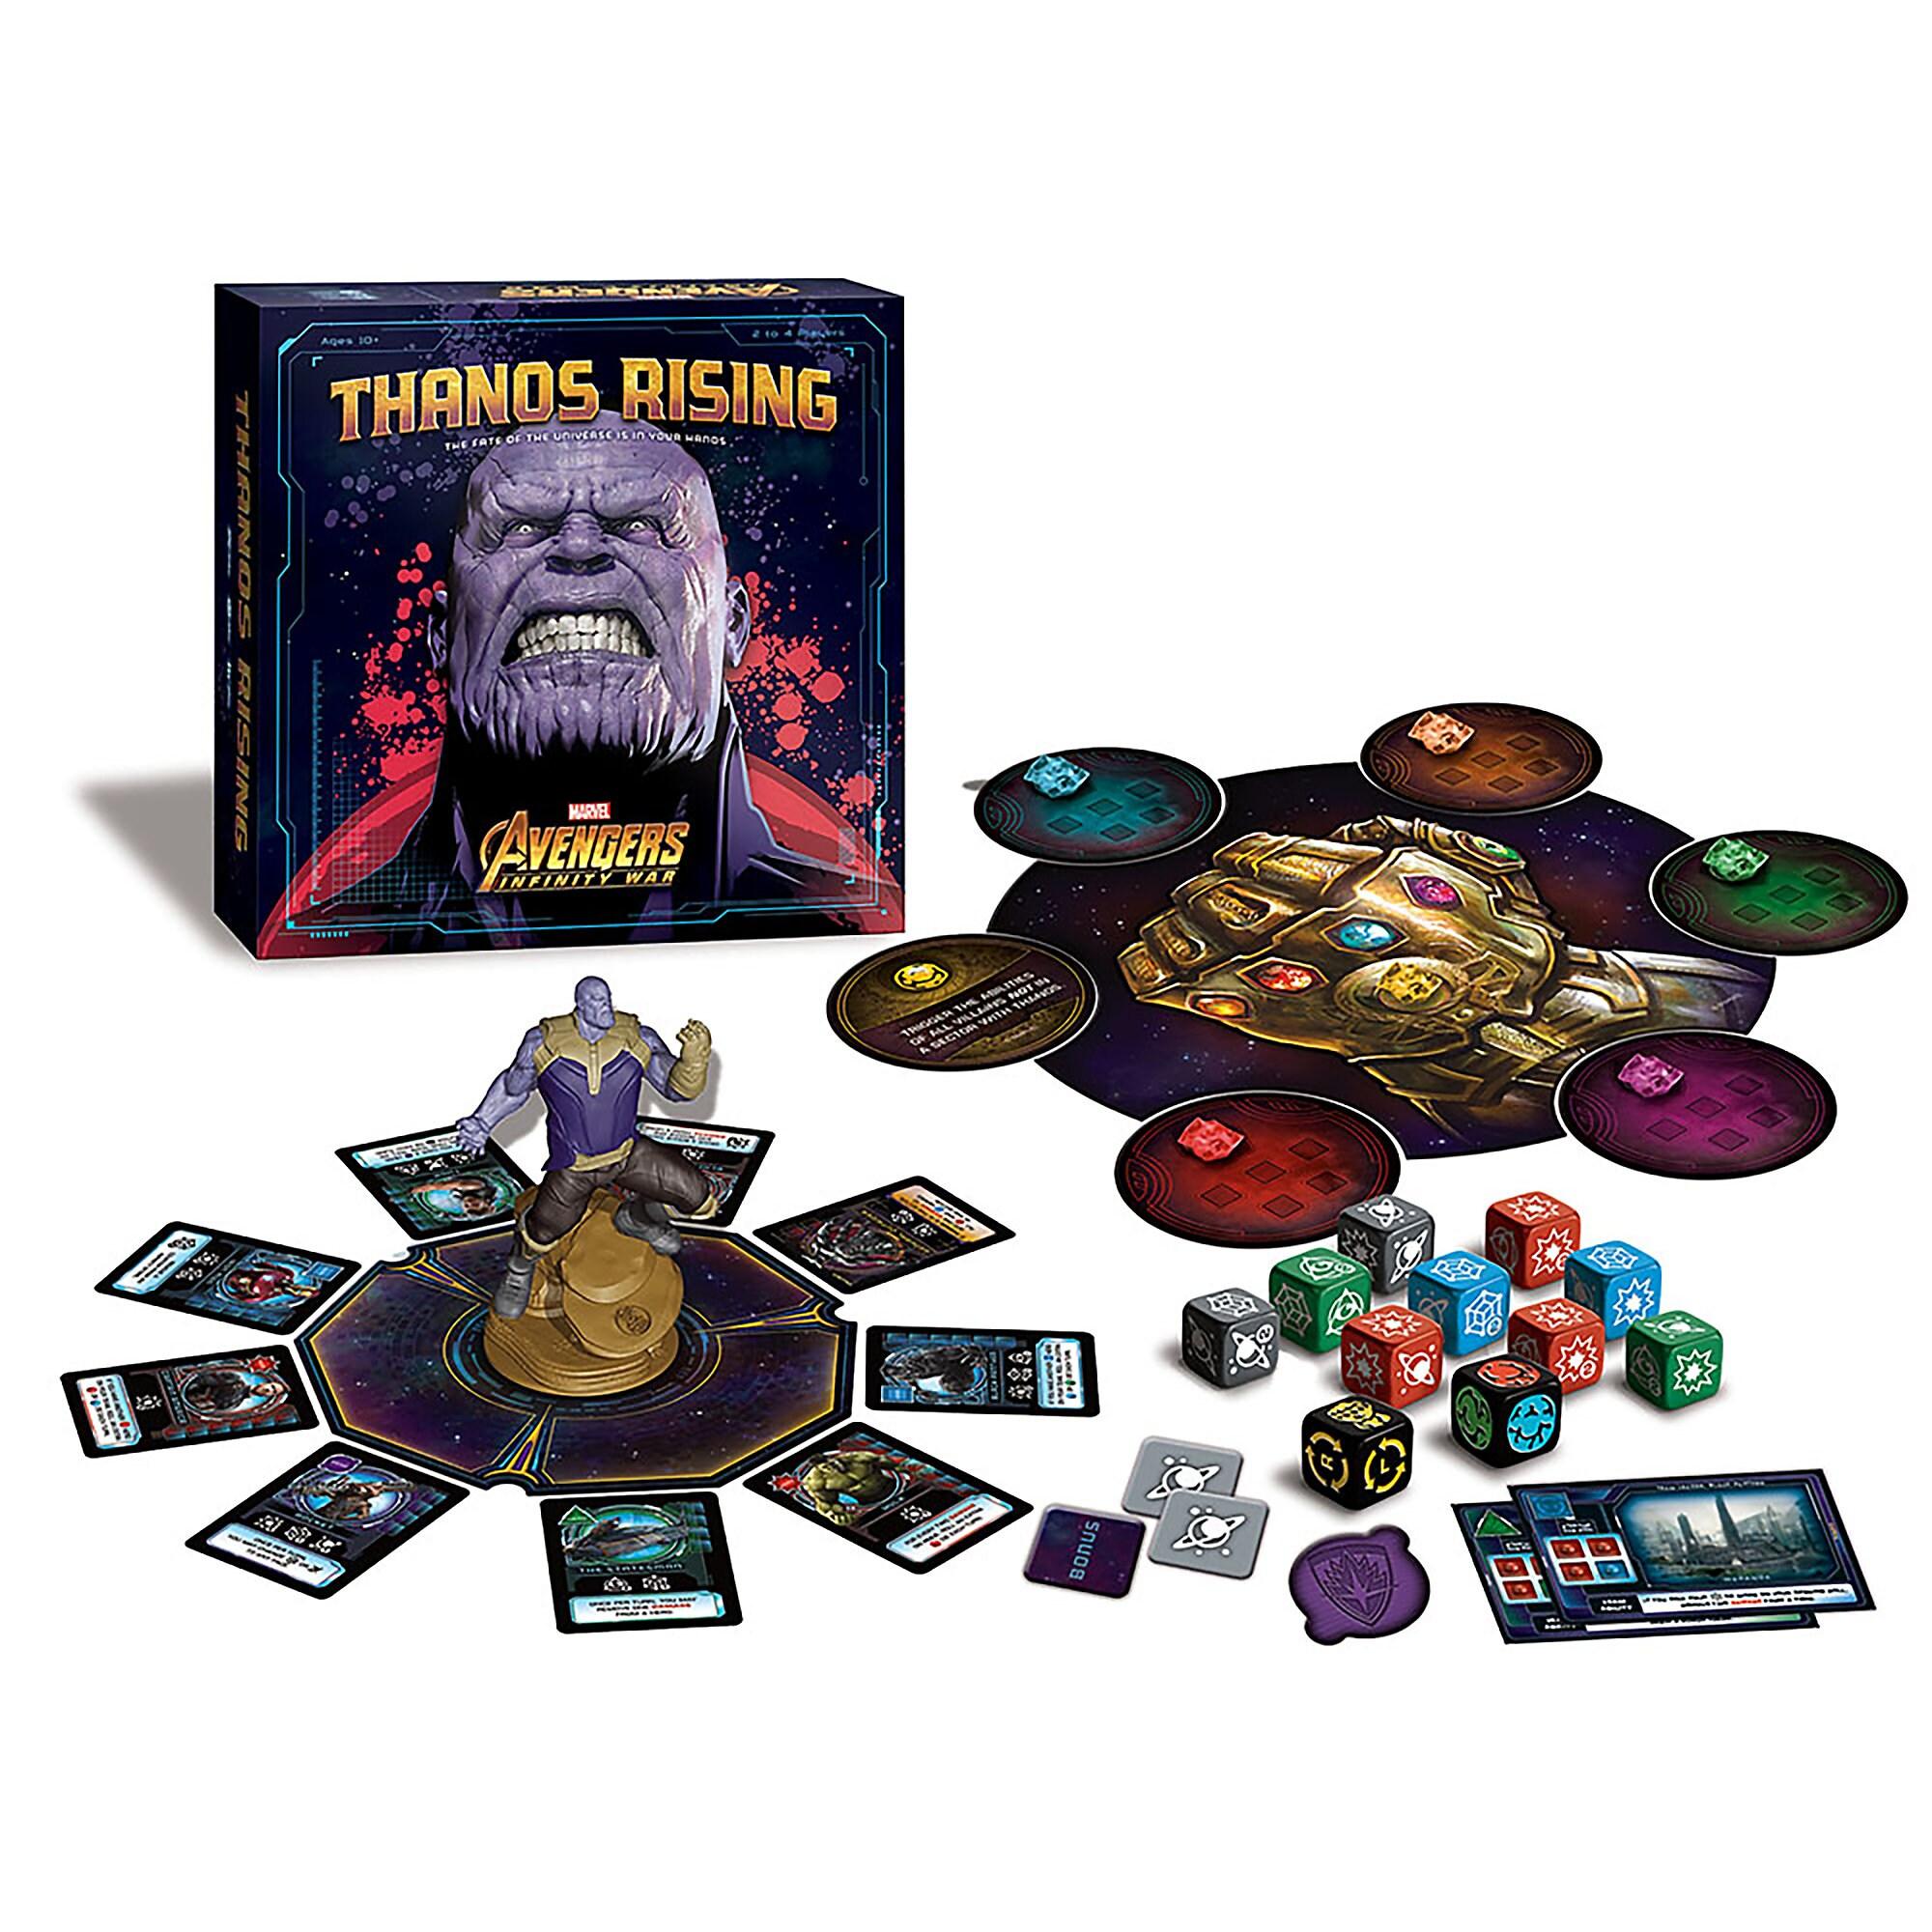 Thanos Rising Game - Marvel's Avengers: Infinity War